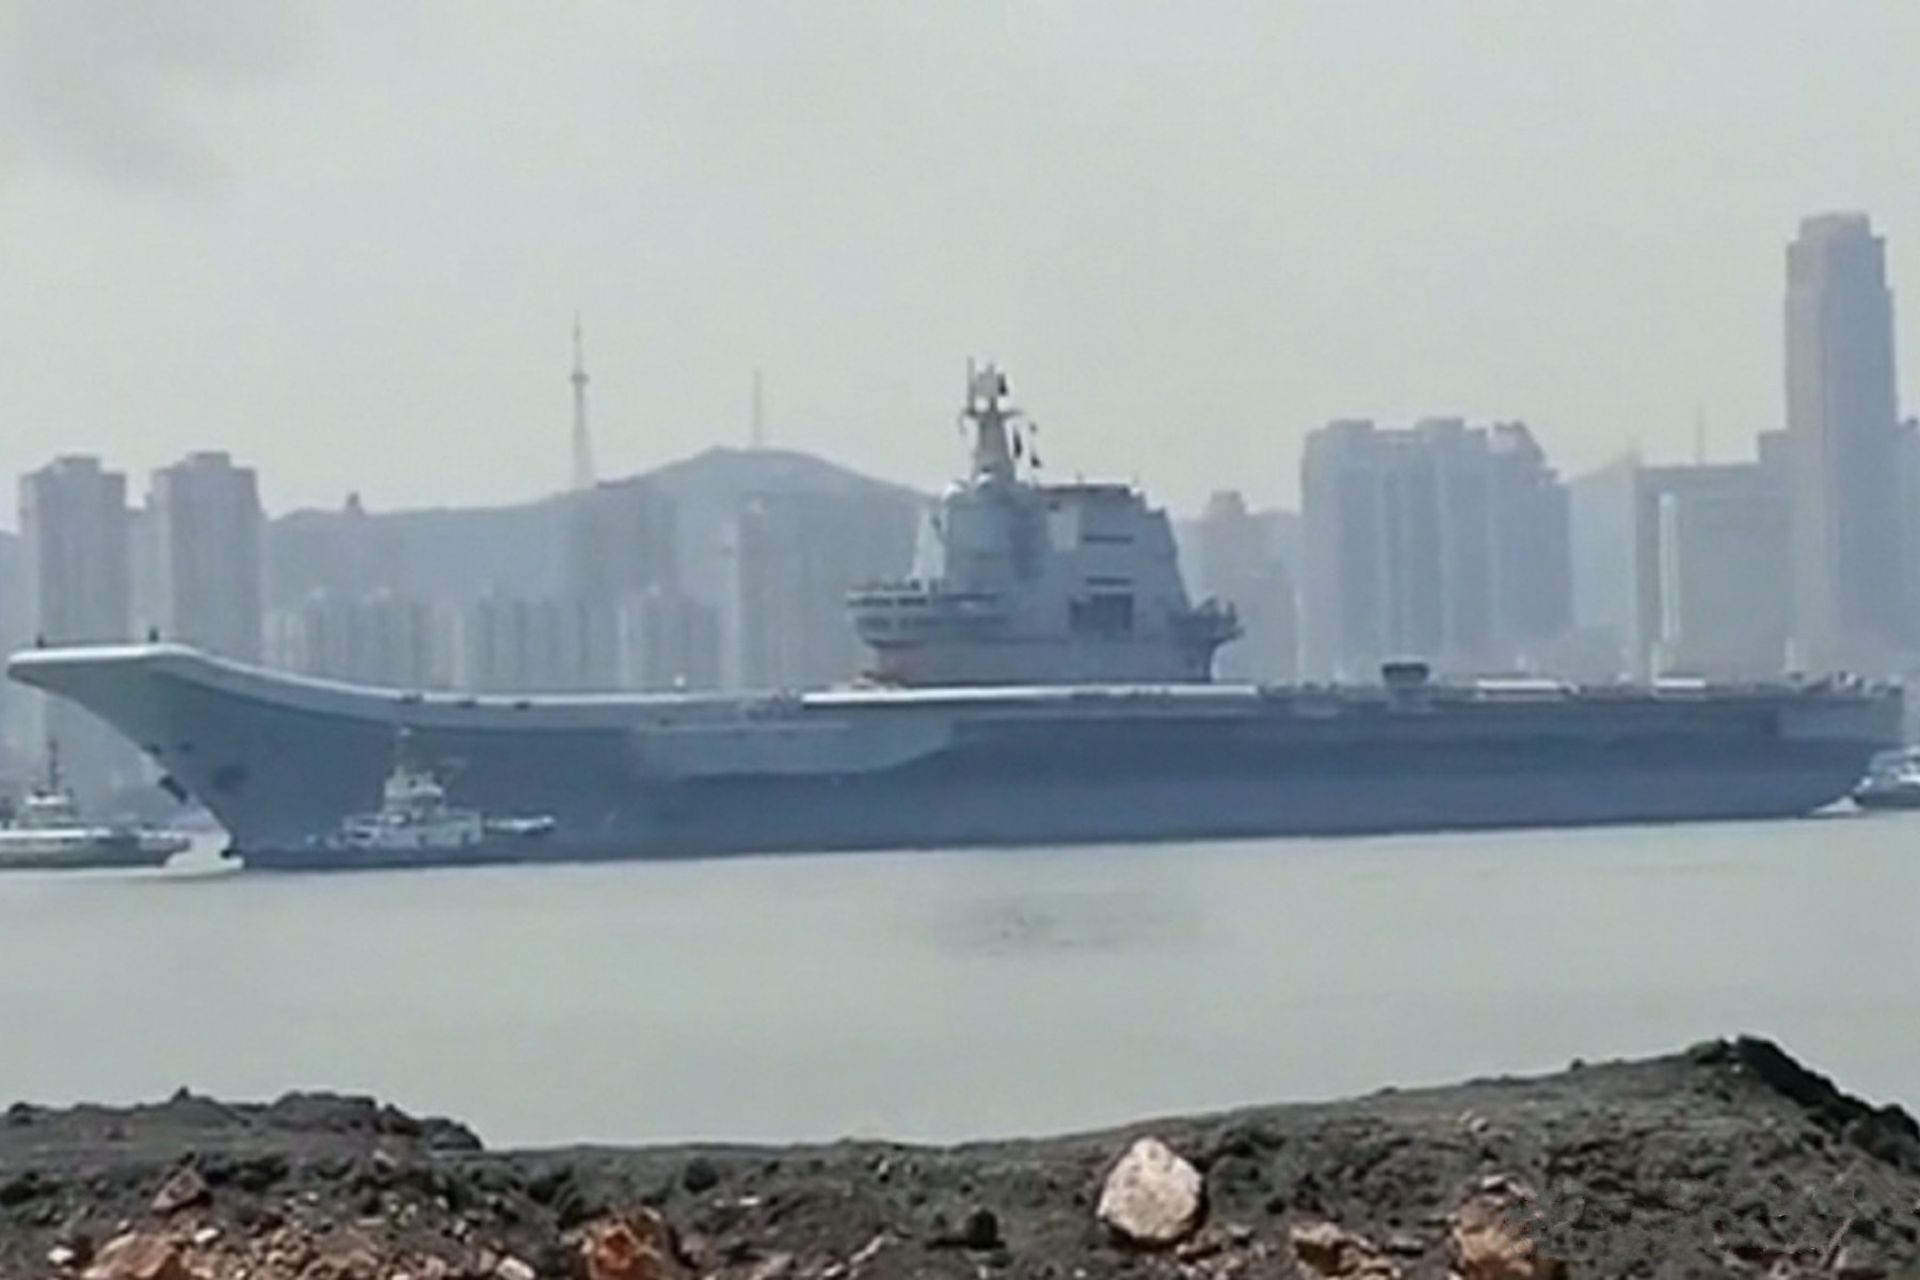 Tàu sân bay Sơn Đông bất ngờ ra khơi, tham gia tập trận ở Biển Đông? - 1